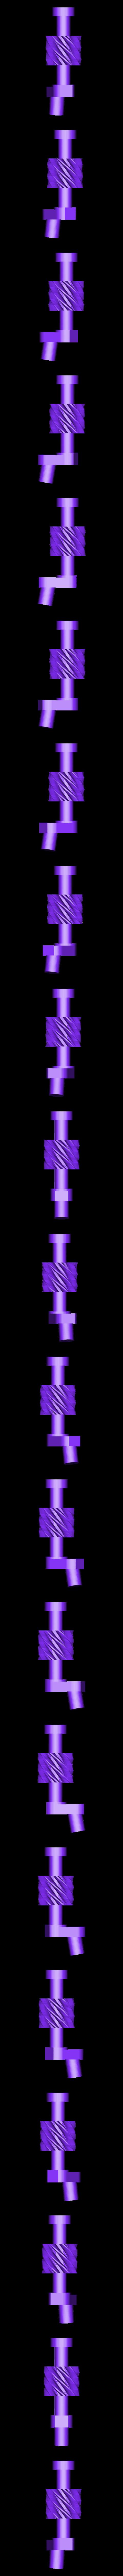 MP_CRANKR_1.stl Télécharger fichier STL gratuit Shellmo (Remix) • Plan imprimable en 3D, ROYLO